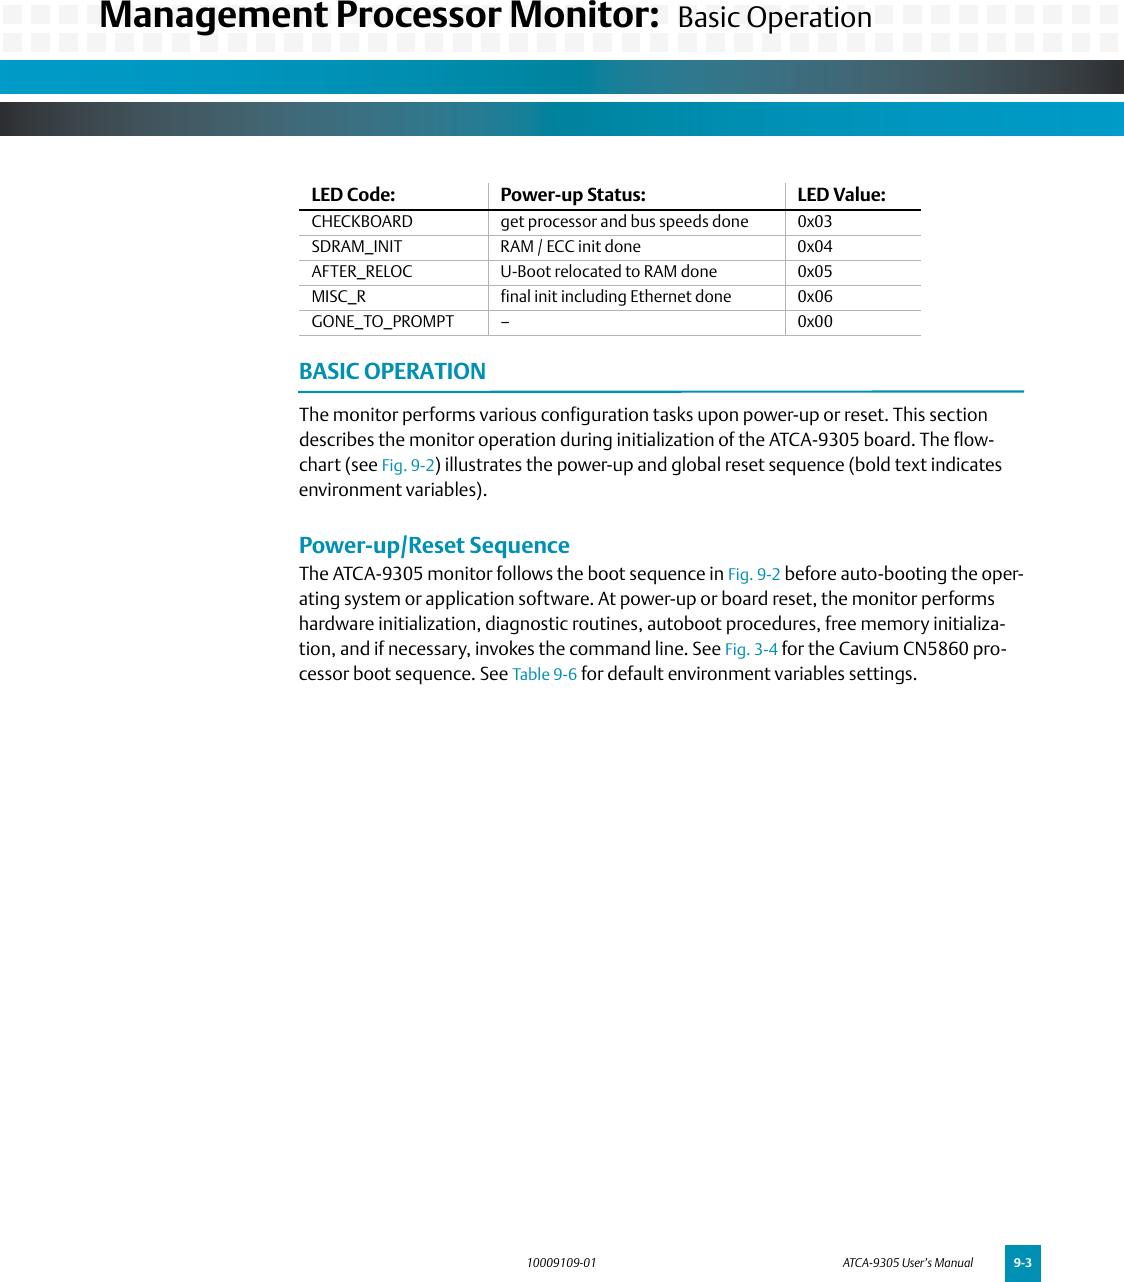 Emerson Atca 9305 Users Manual Preliminary User's Manual